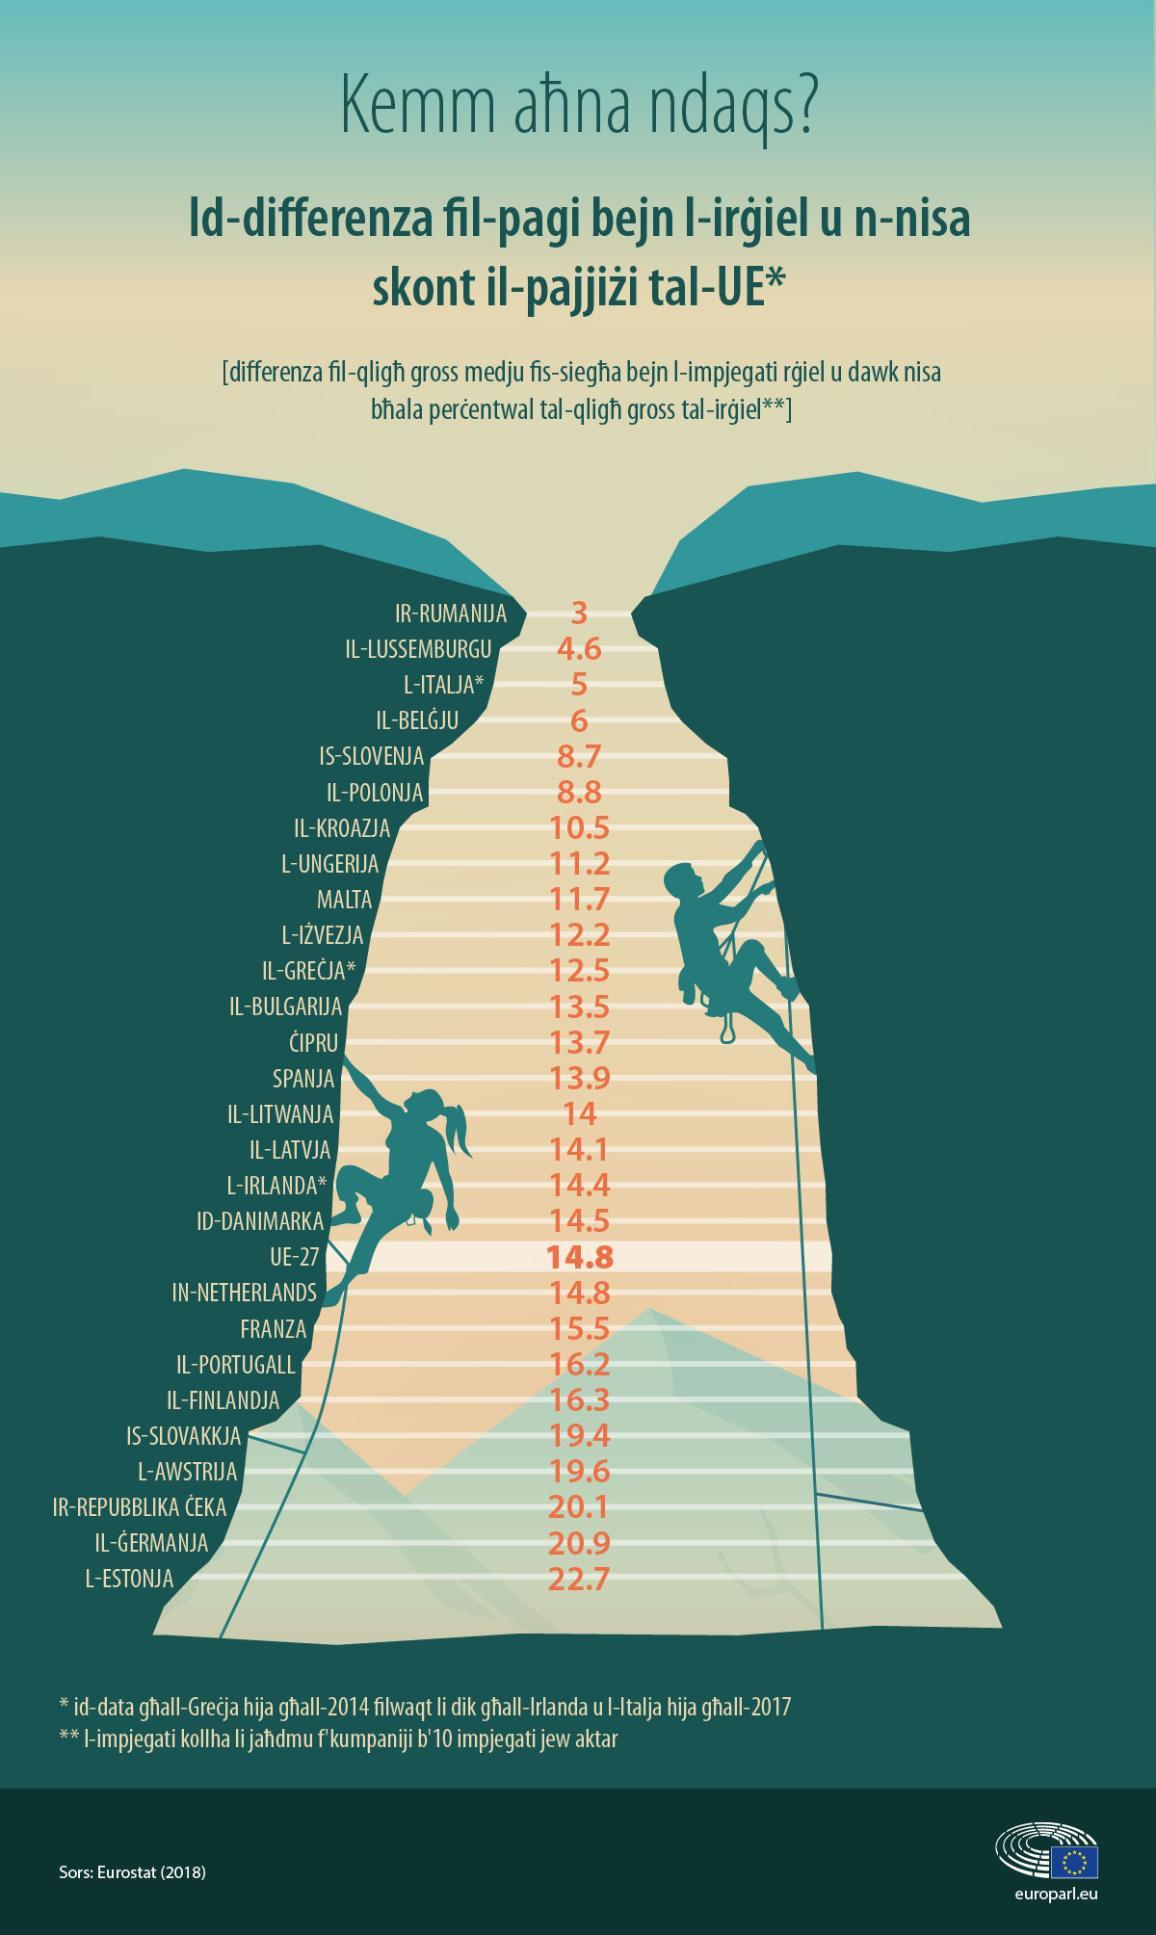 Infografika dwar id-differenza bejn il-pagi tal-irġiel u n-nisa skont il-pajjiżi tal-UE